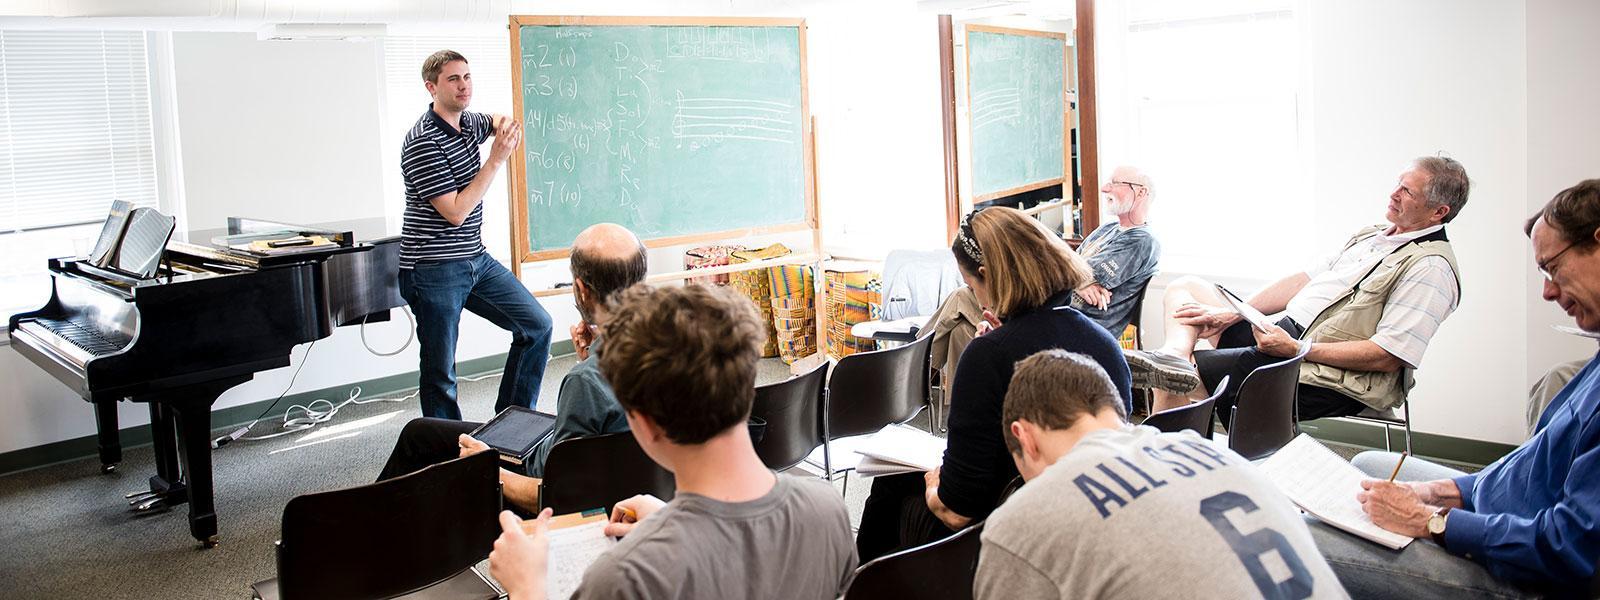 Music Theory Class / Photo: Christine Rucker